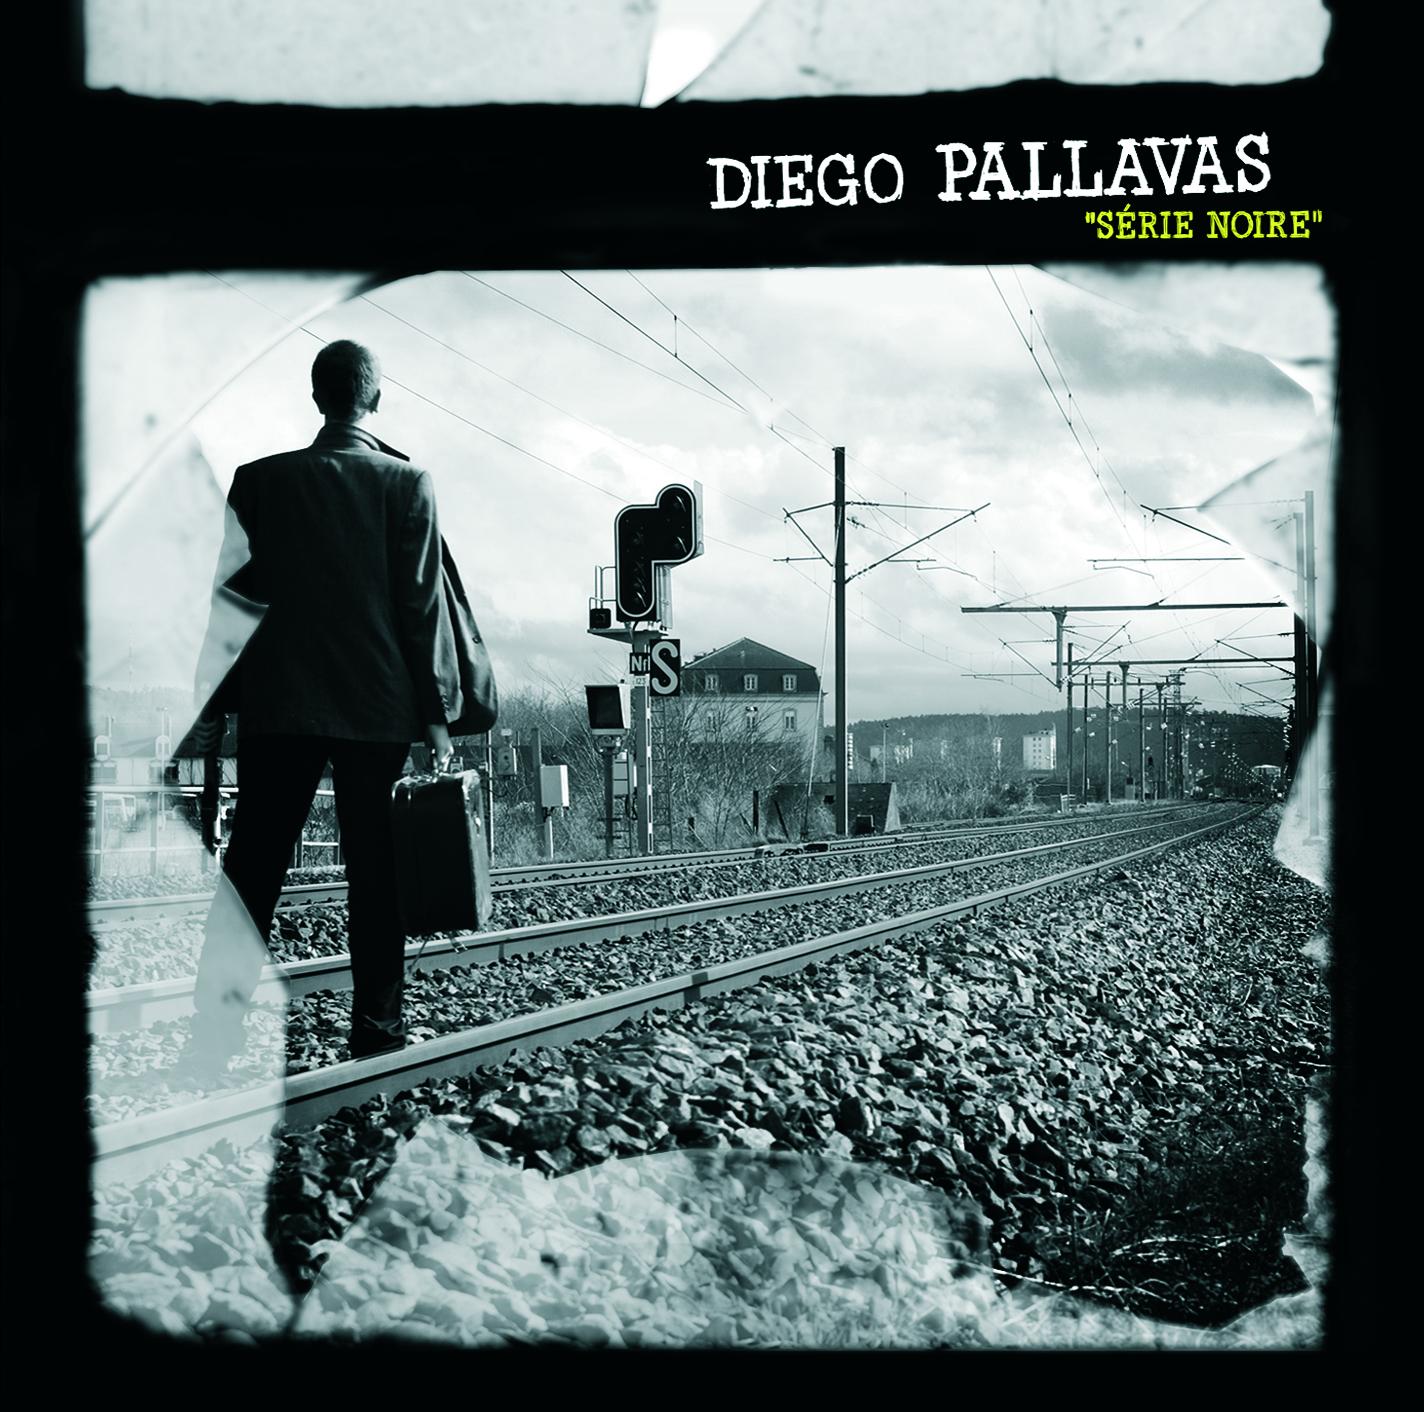 Diego Pallavas - serie noire